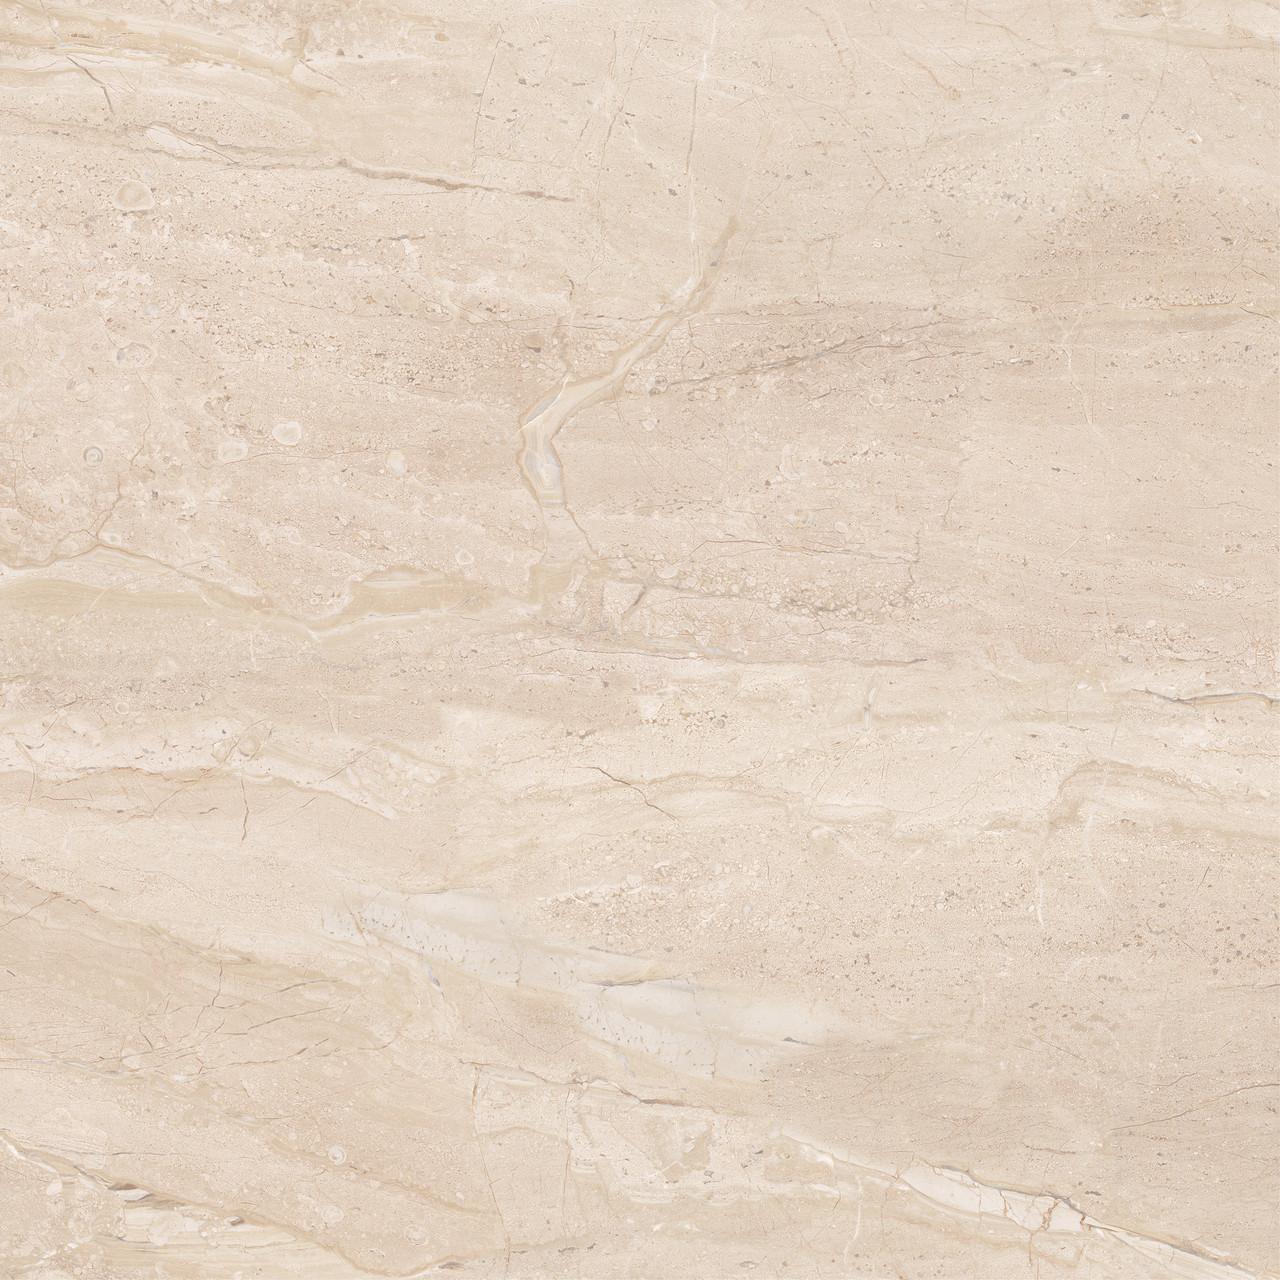 Плитка для пола Marmo Milano бежевый 607x607x10 мм